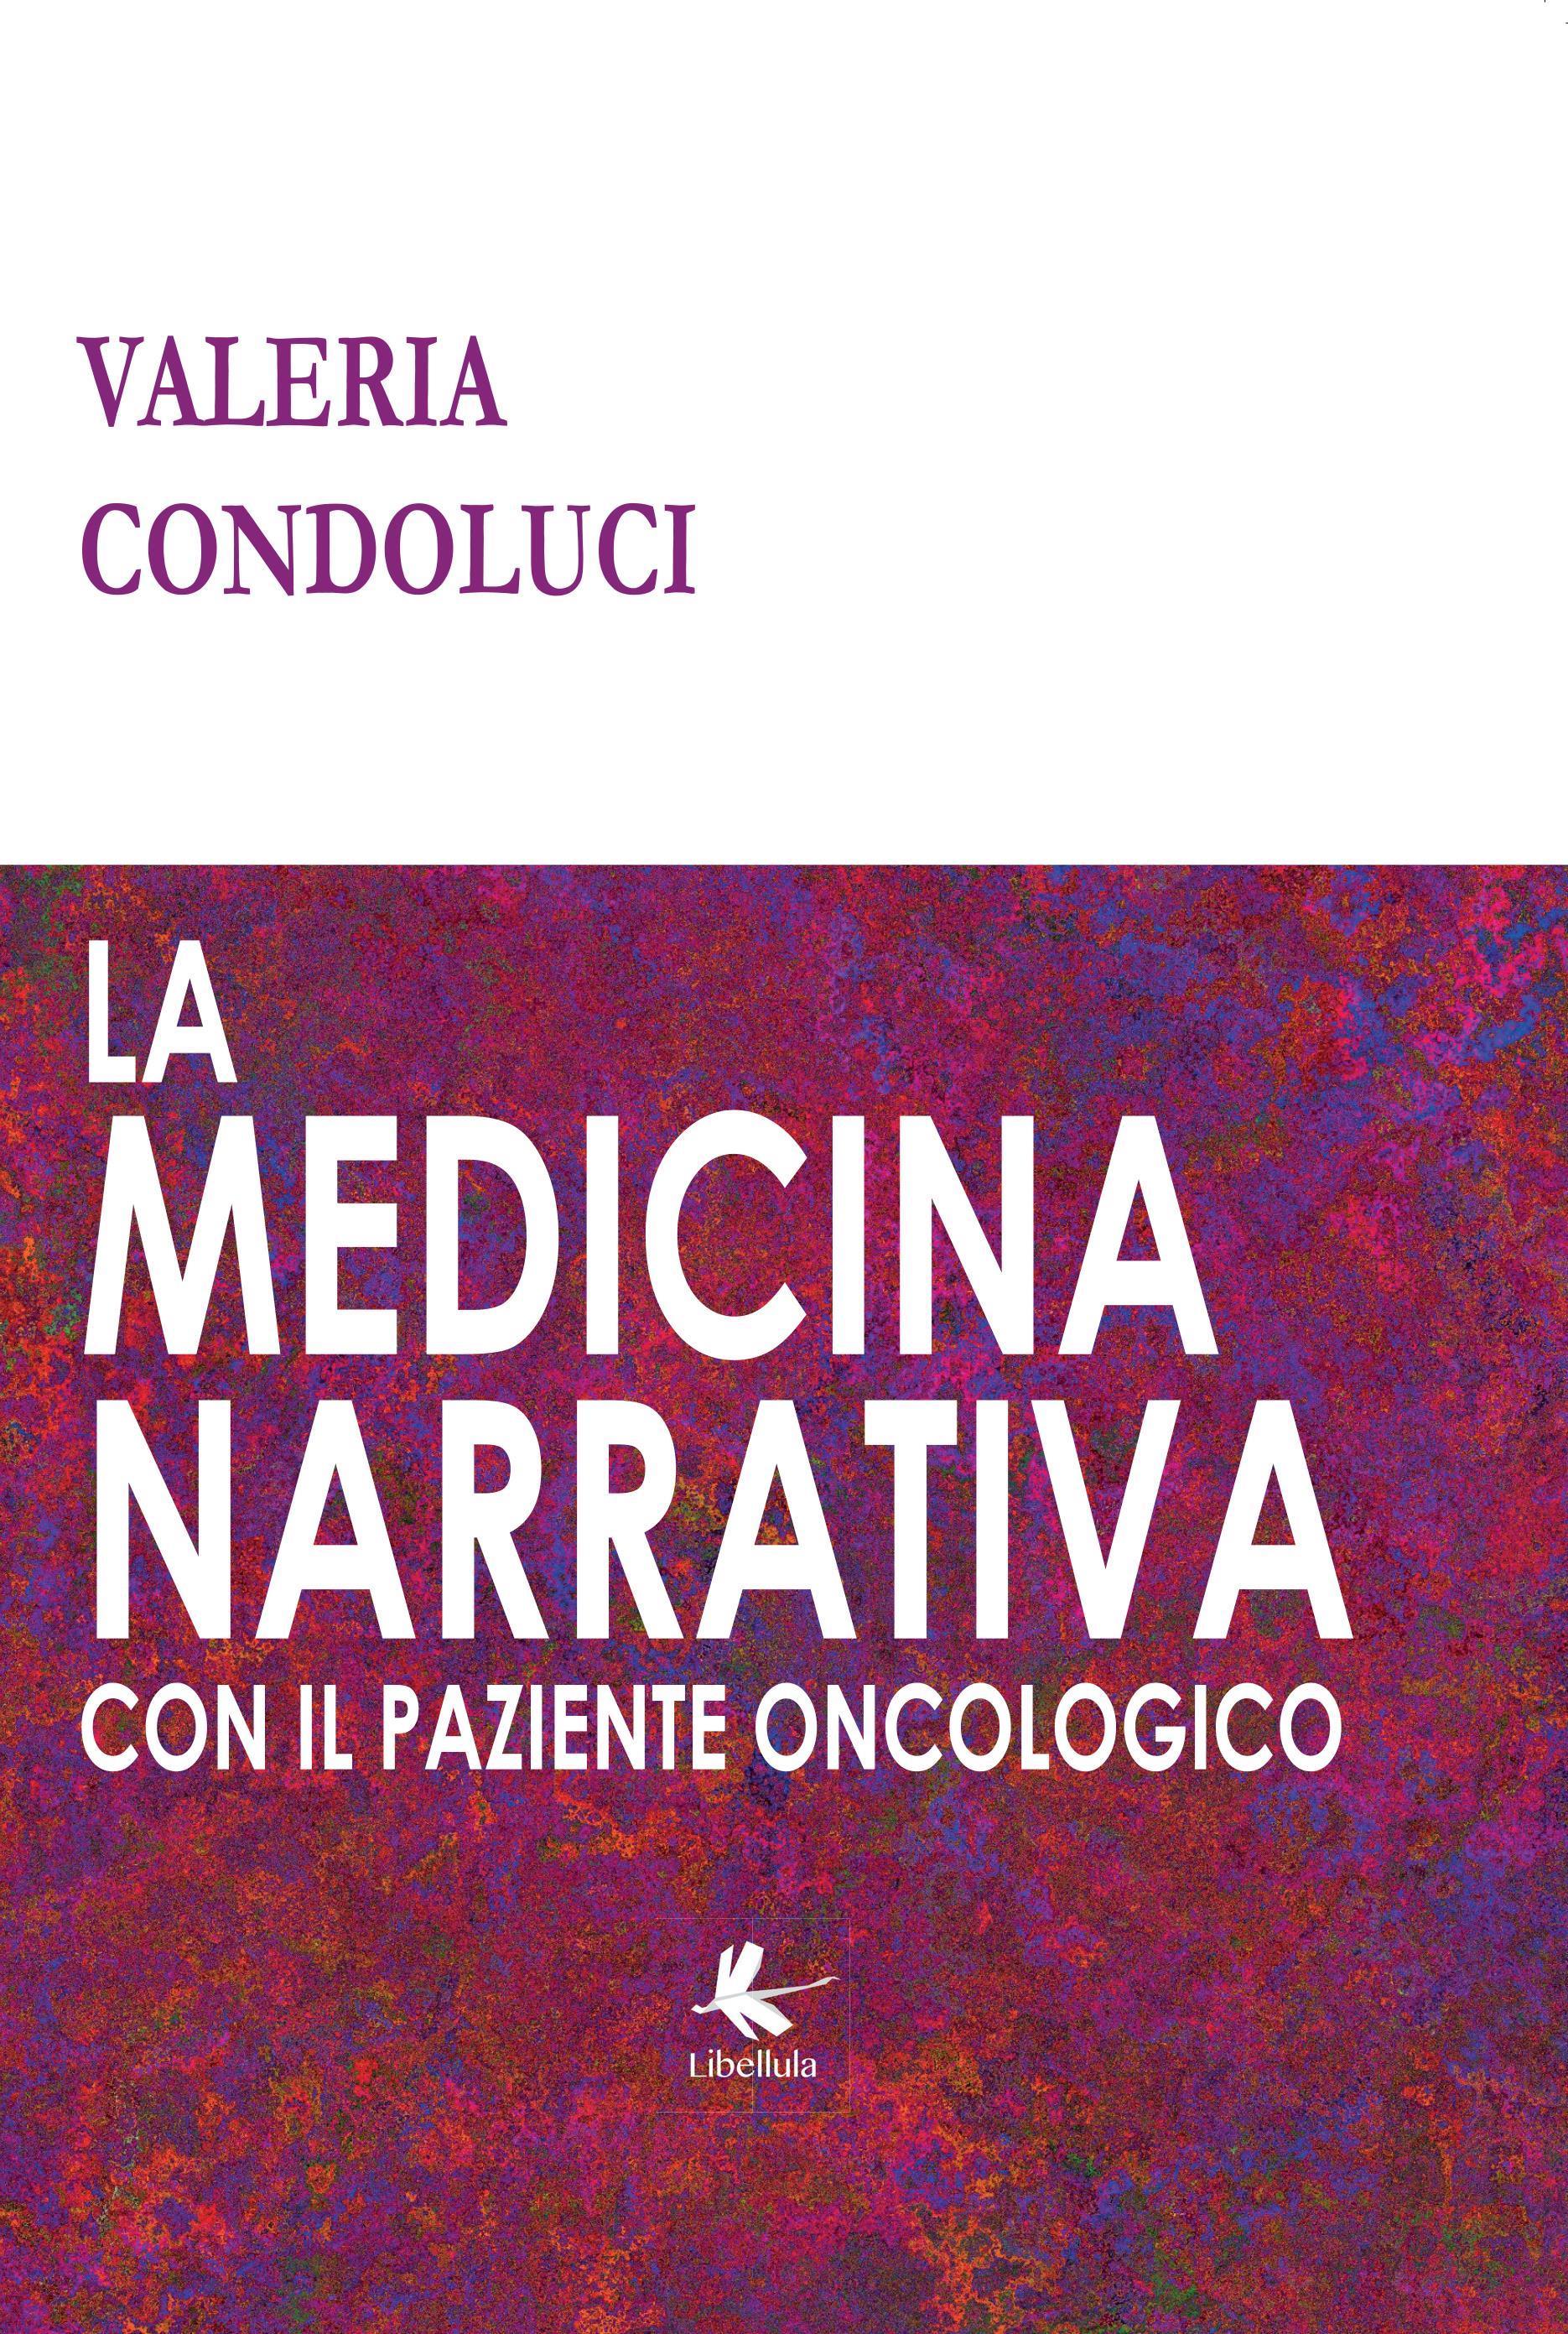 La medicina narrativa con il paziente oncologico